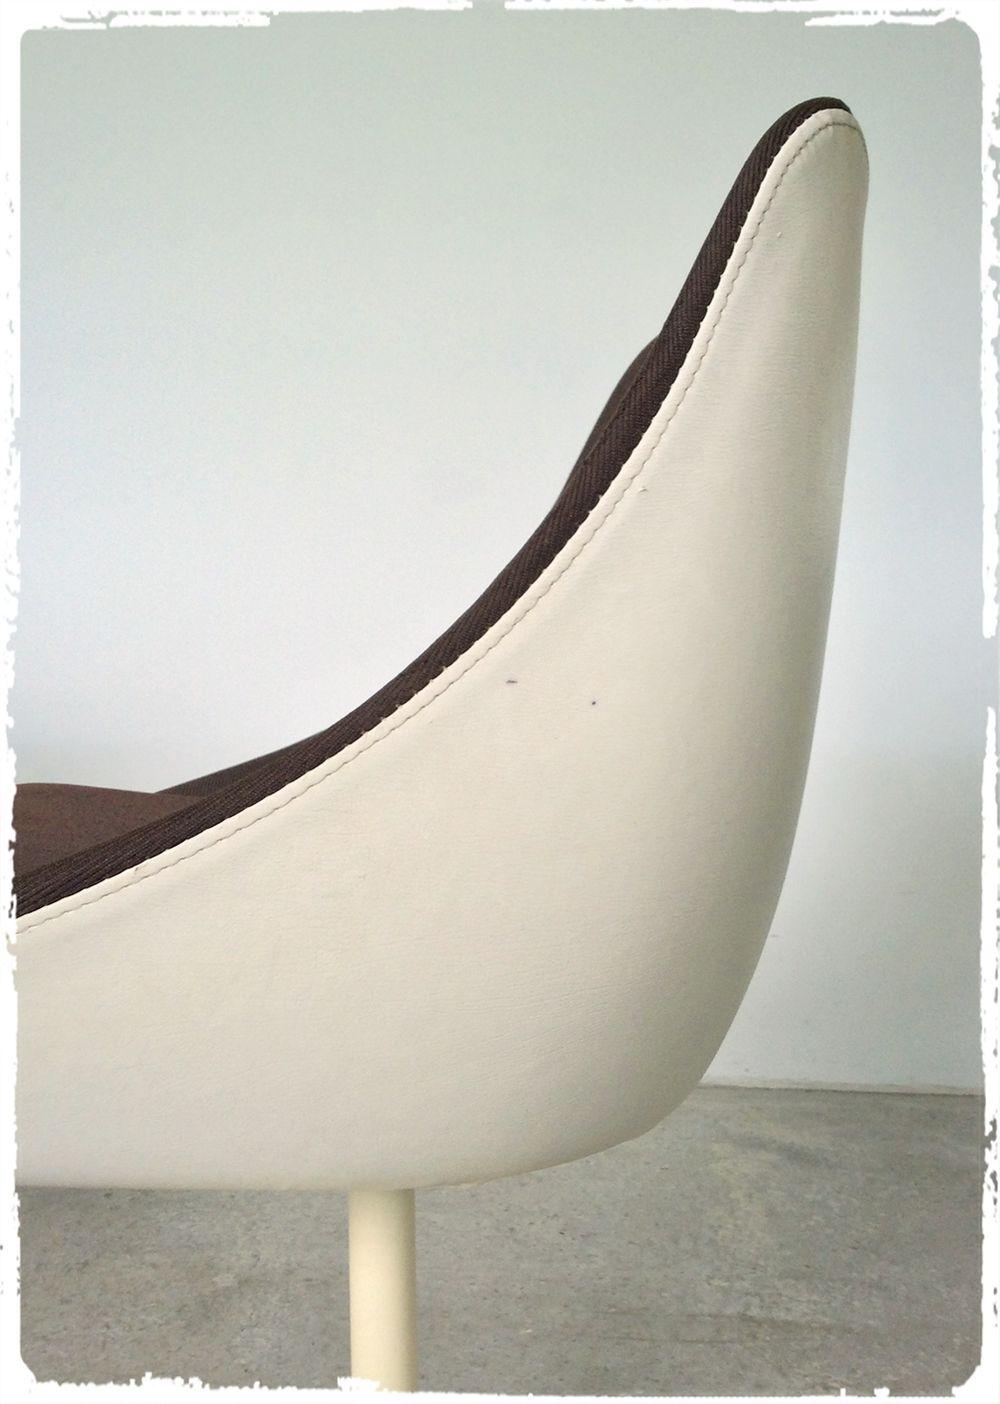 Oompa Paire De Fauteuils Chaises Pied Tulipe Joe Colombo Erzeugnis Lush 1972 Pumps Heels Shoes